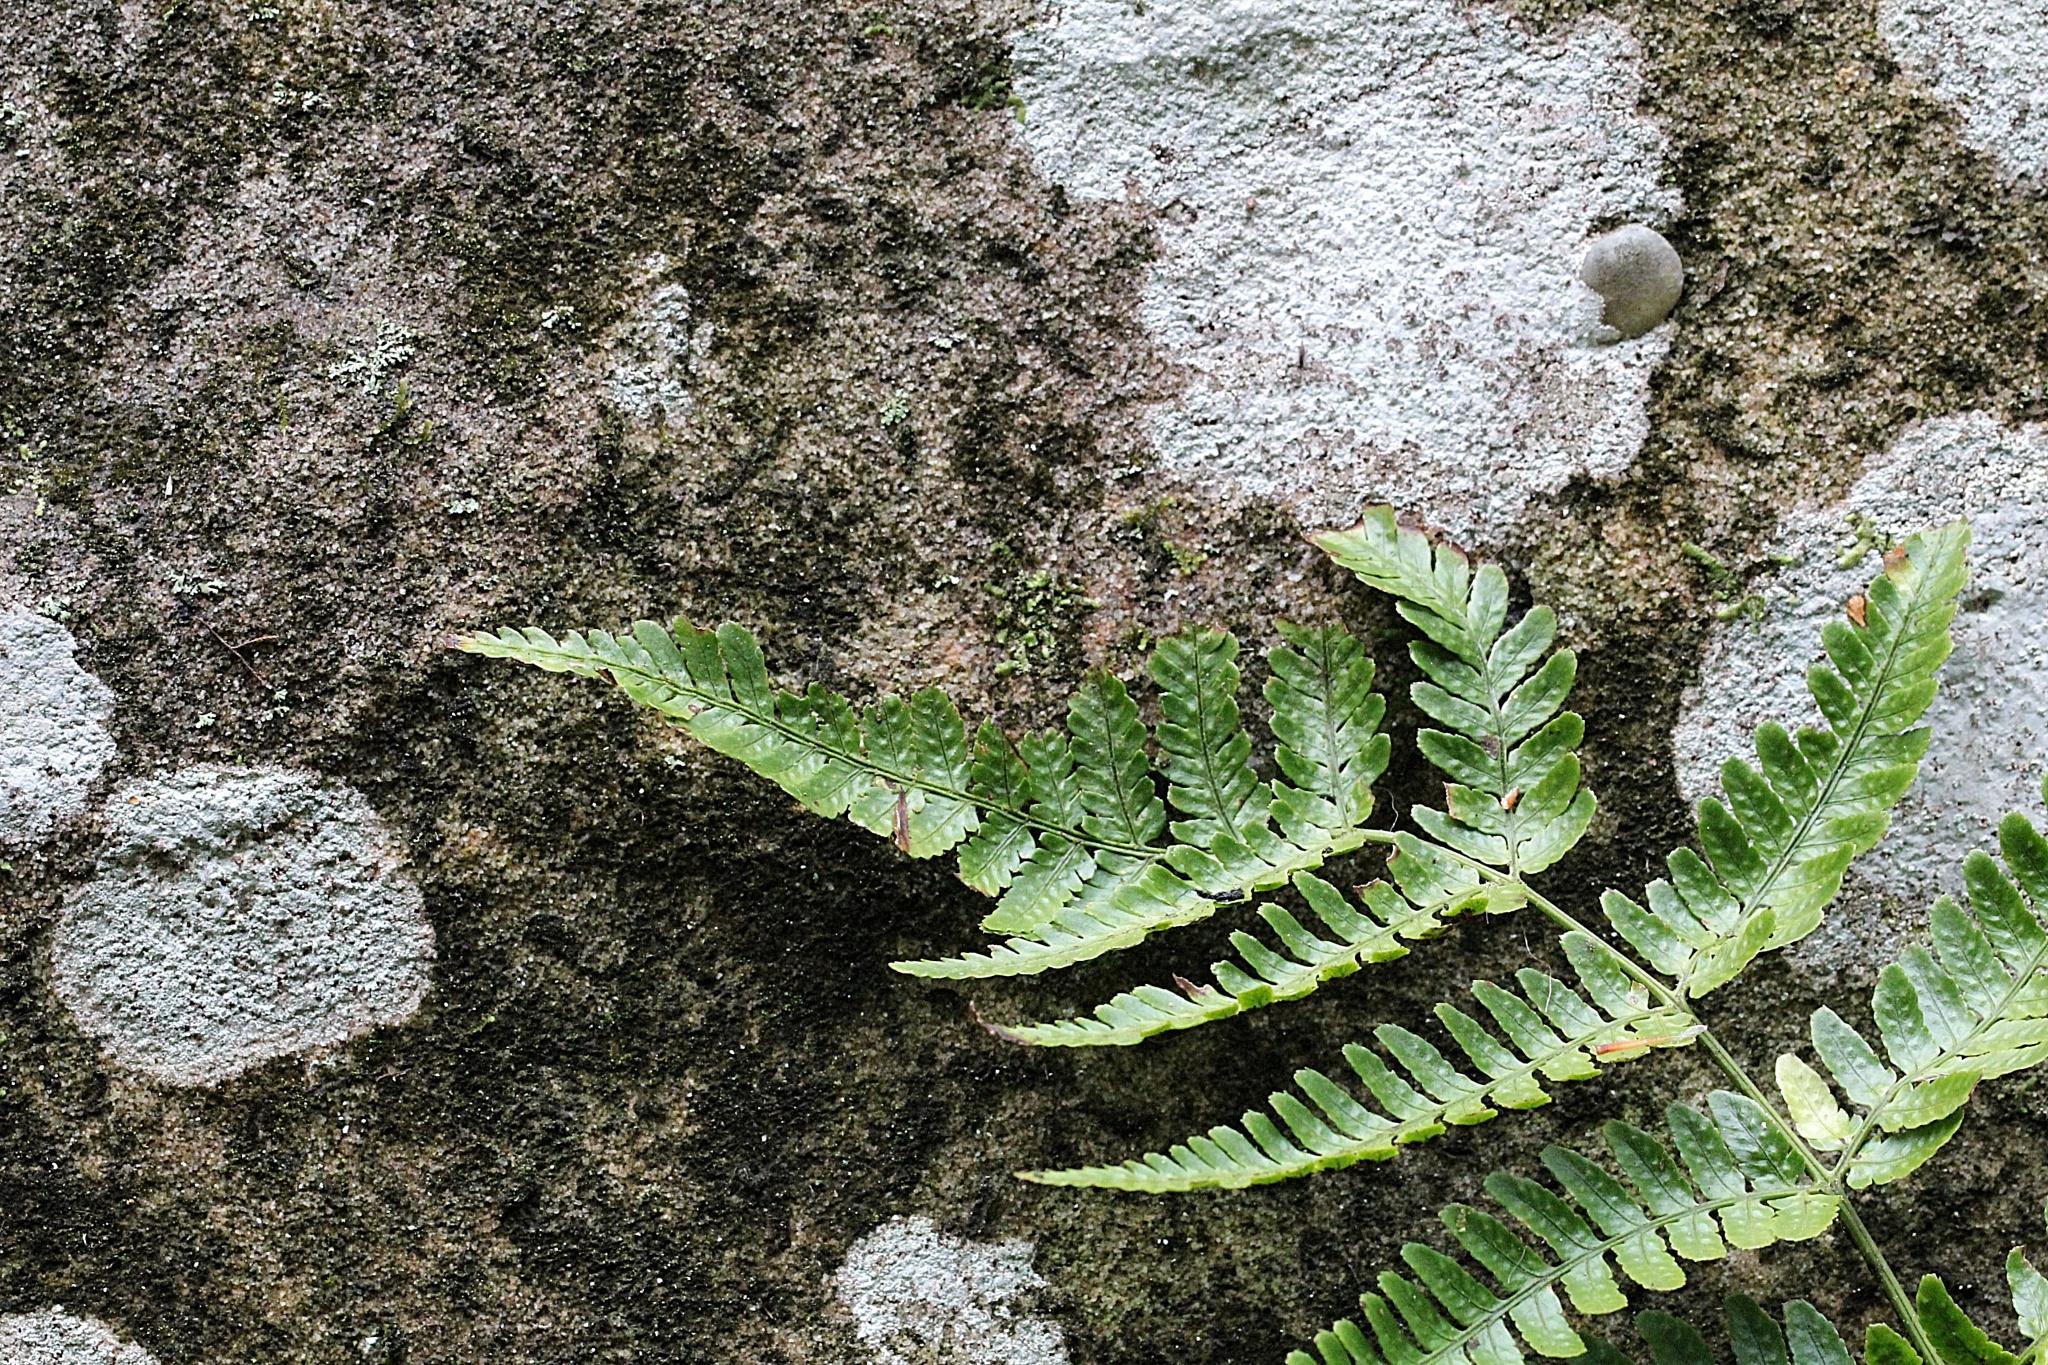 Fern on Stone by Lyndon Haston